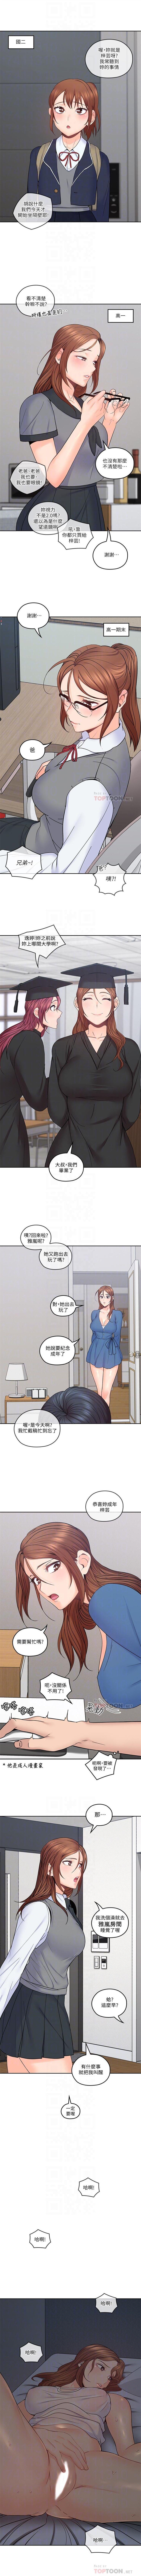 (週4)親愛的大叔 1-39 中文翻譯(更新中) 185